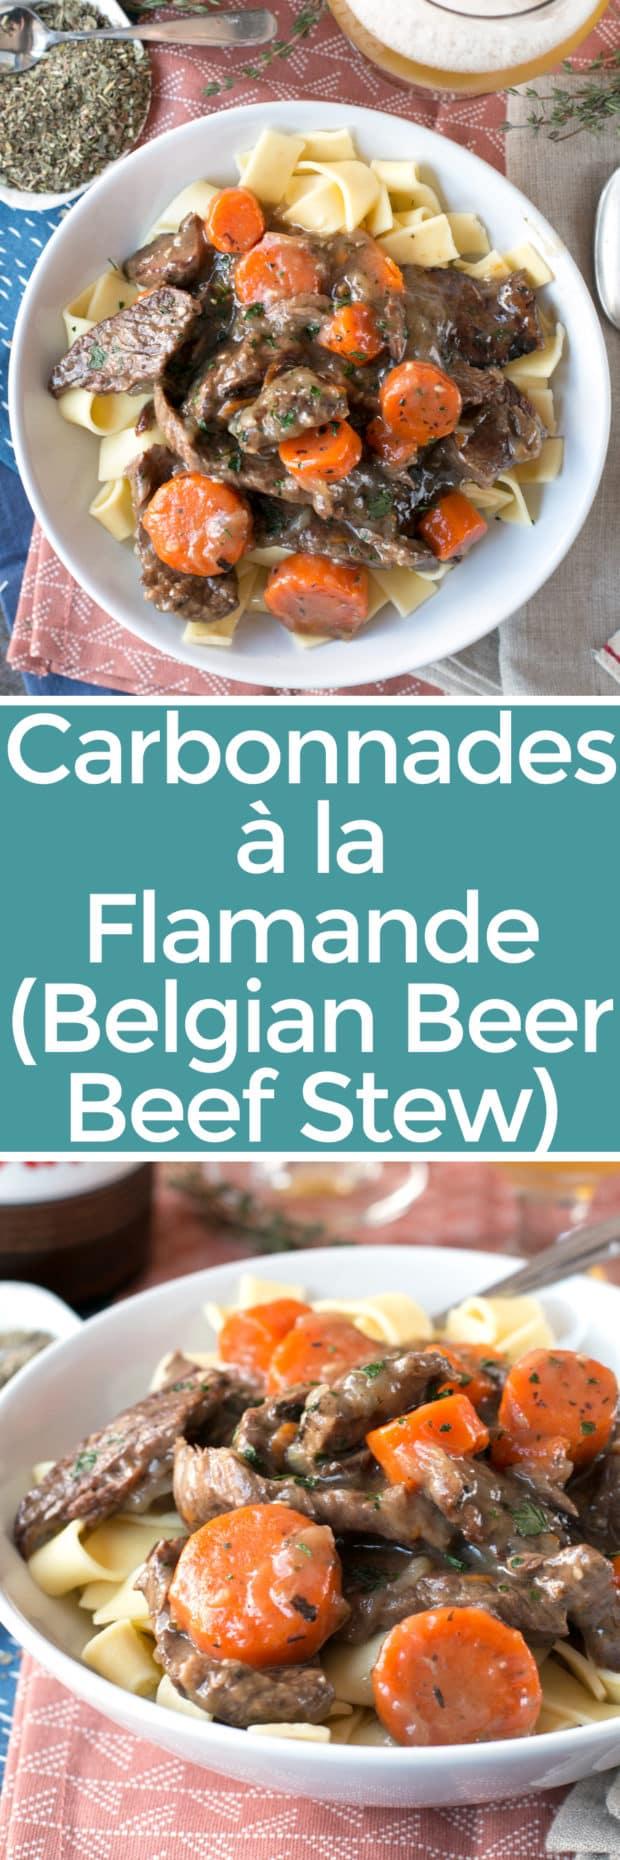 Carbonnades à la Flamande (Belgian Beer Beef Stew) – Cake ...